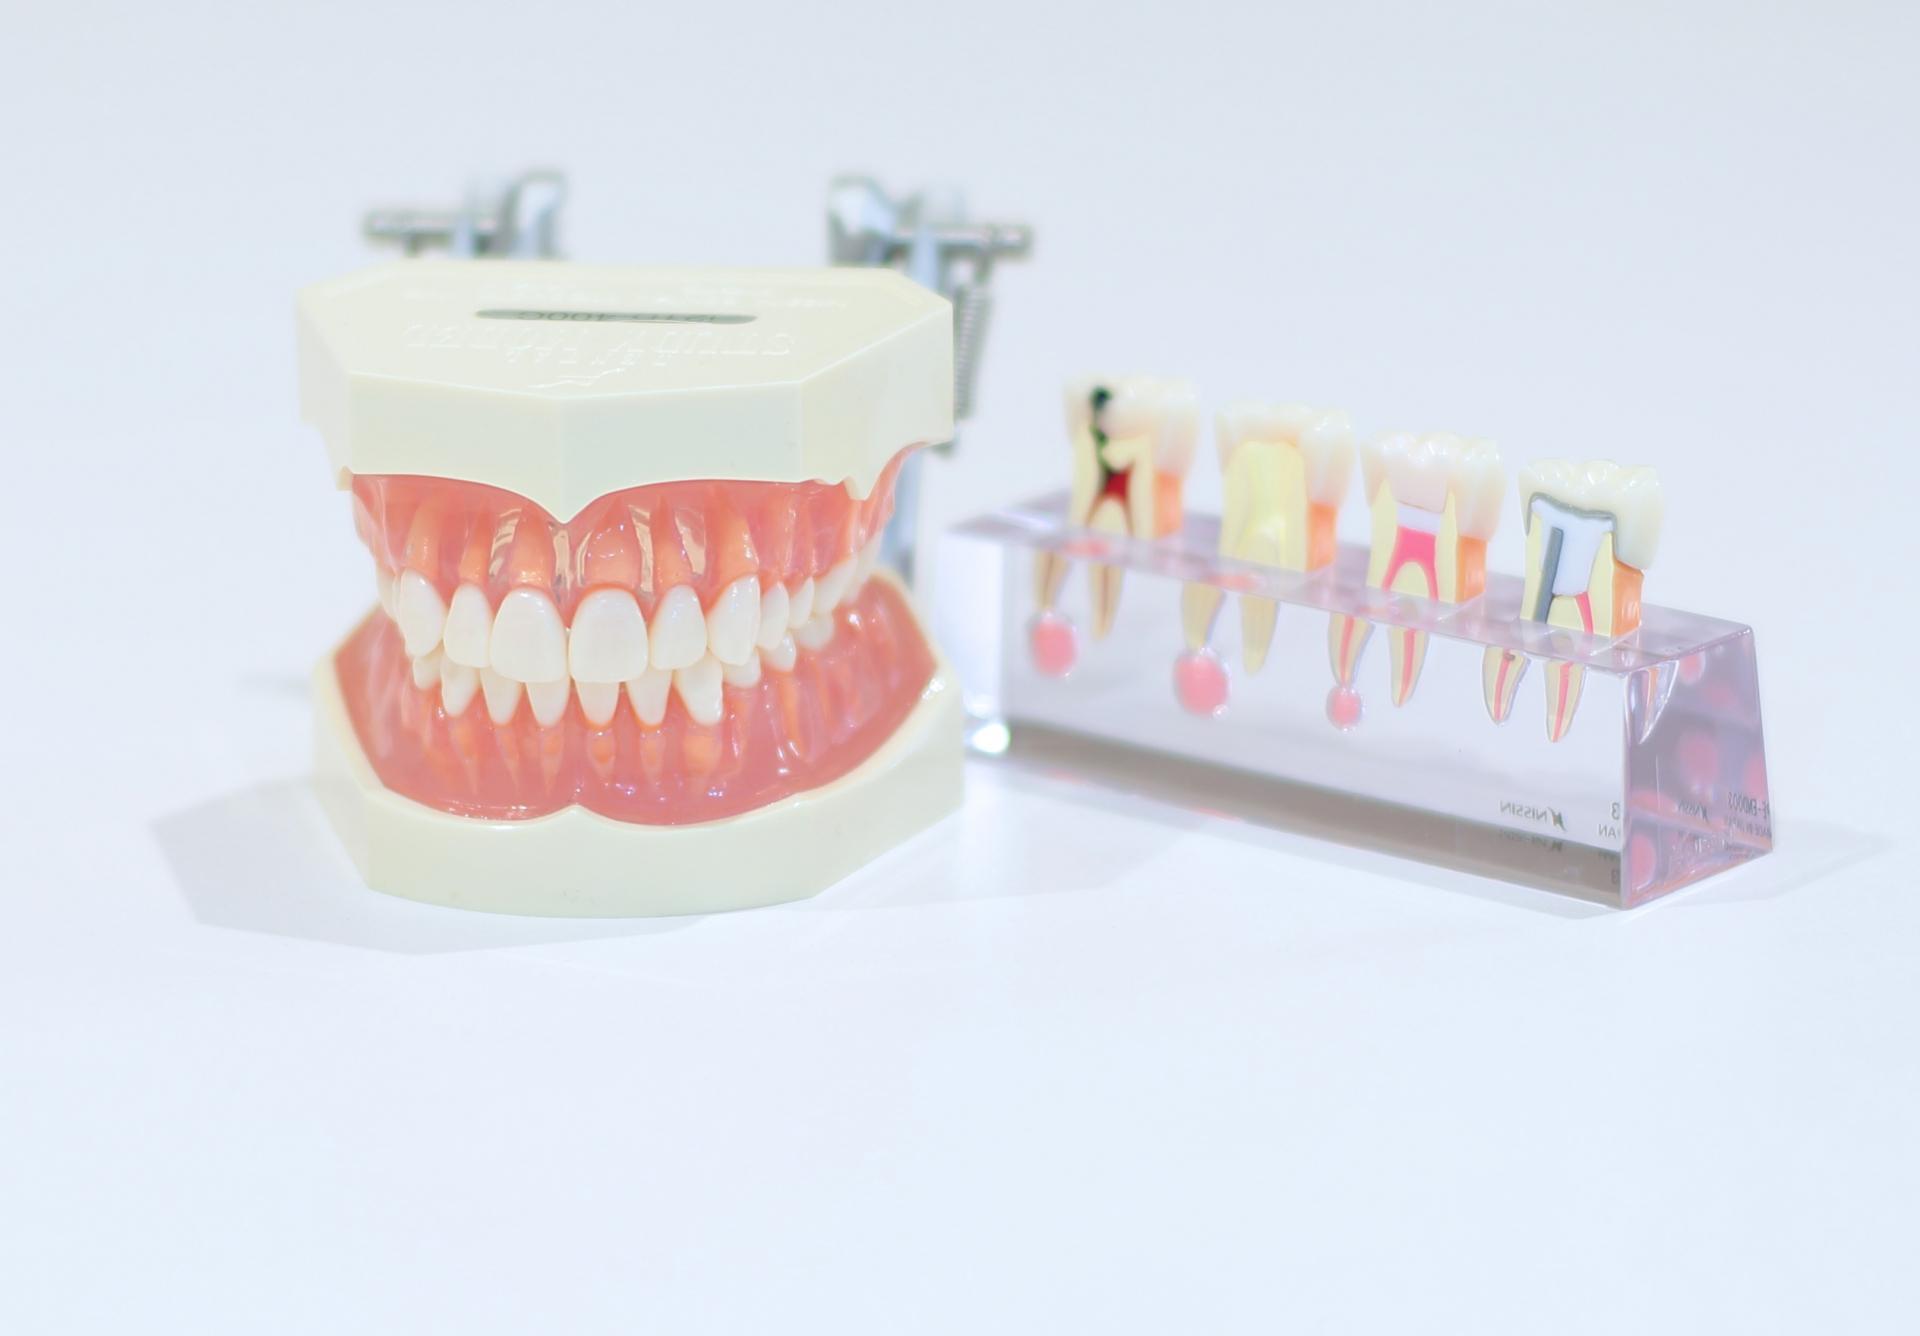 良い歯医者みつけた!三郷駅の評判が良いおすすめ歯医者4選